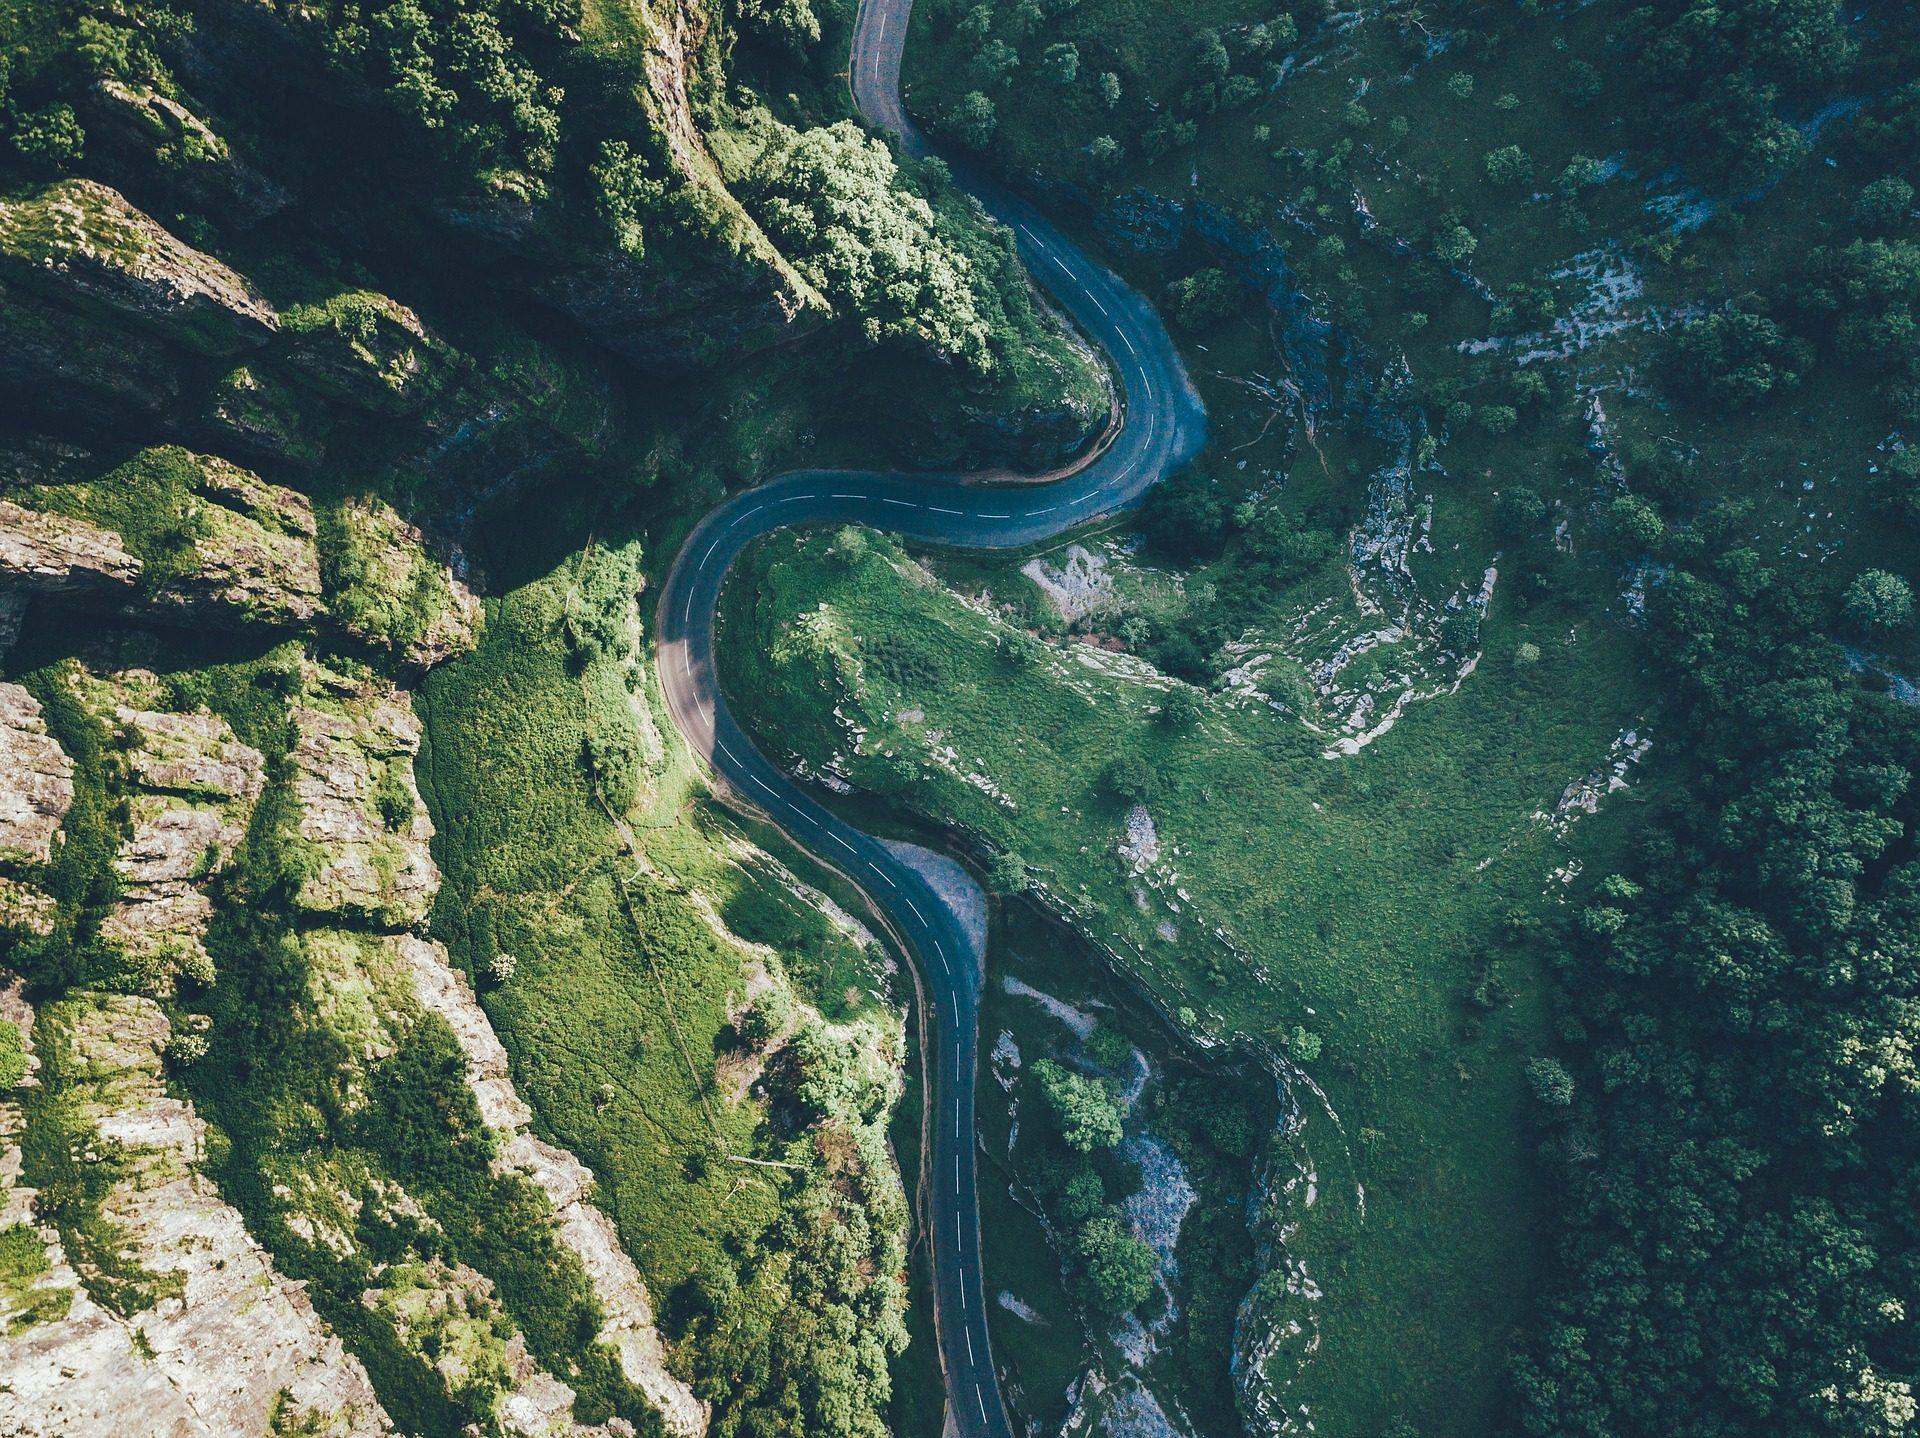 carretera, Дорога, кривые, деревья, растительность - Обои HD - Профессор falken.com